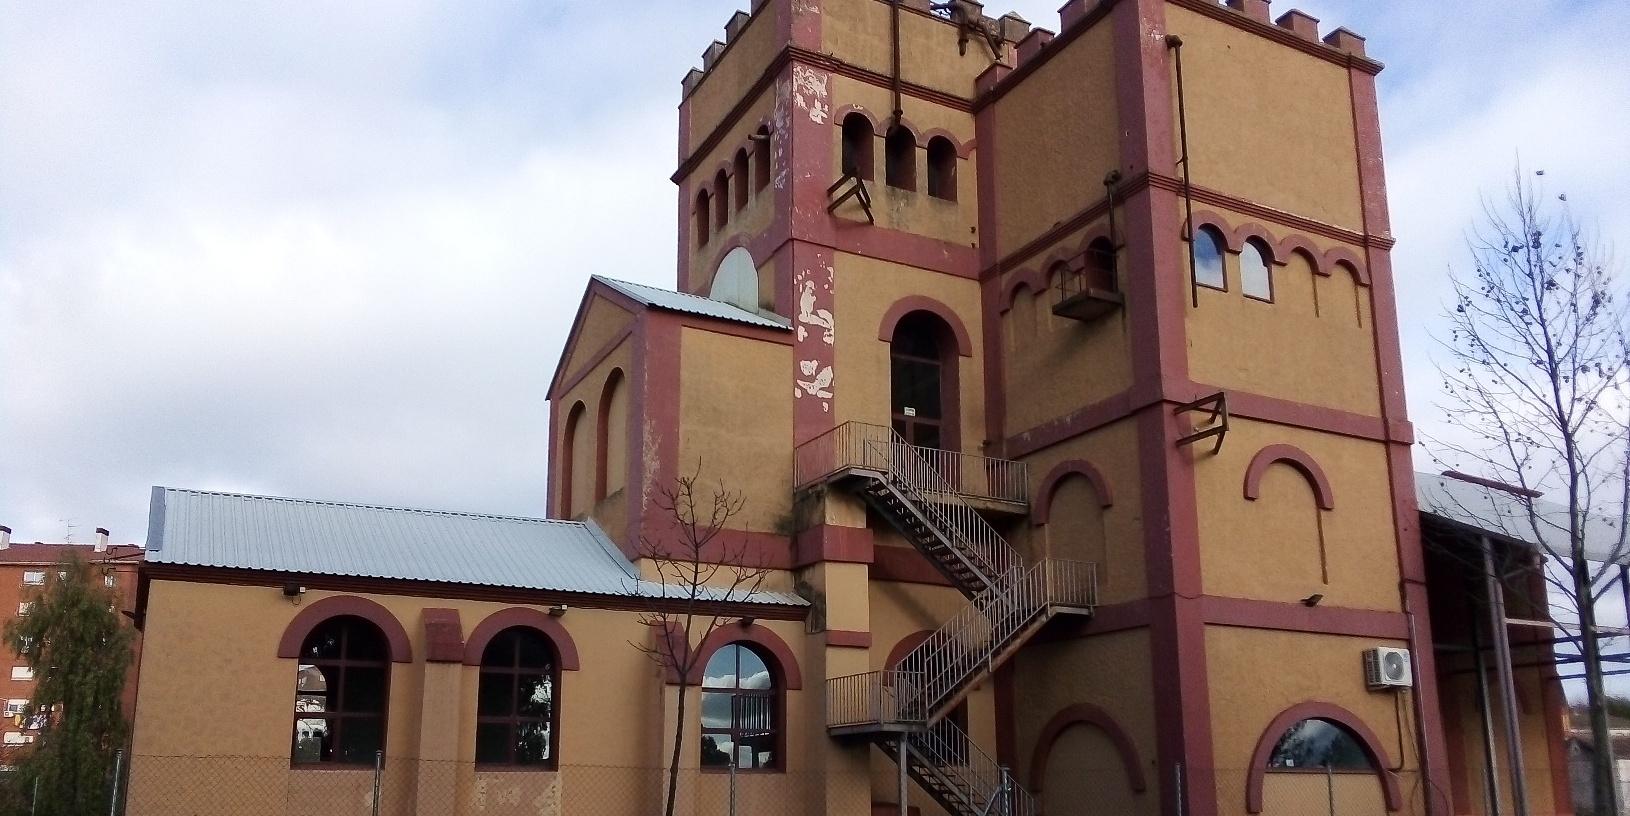 Centro de Interpretación de la Minería en Cáceres